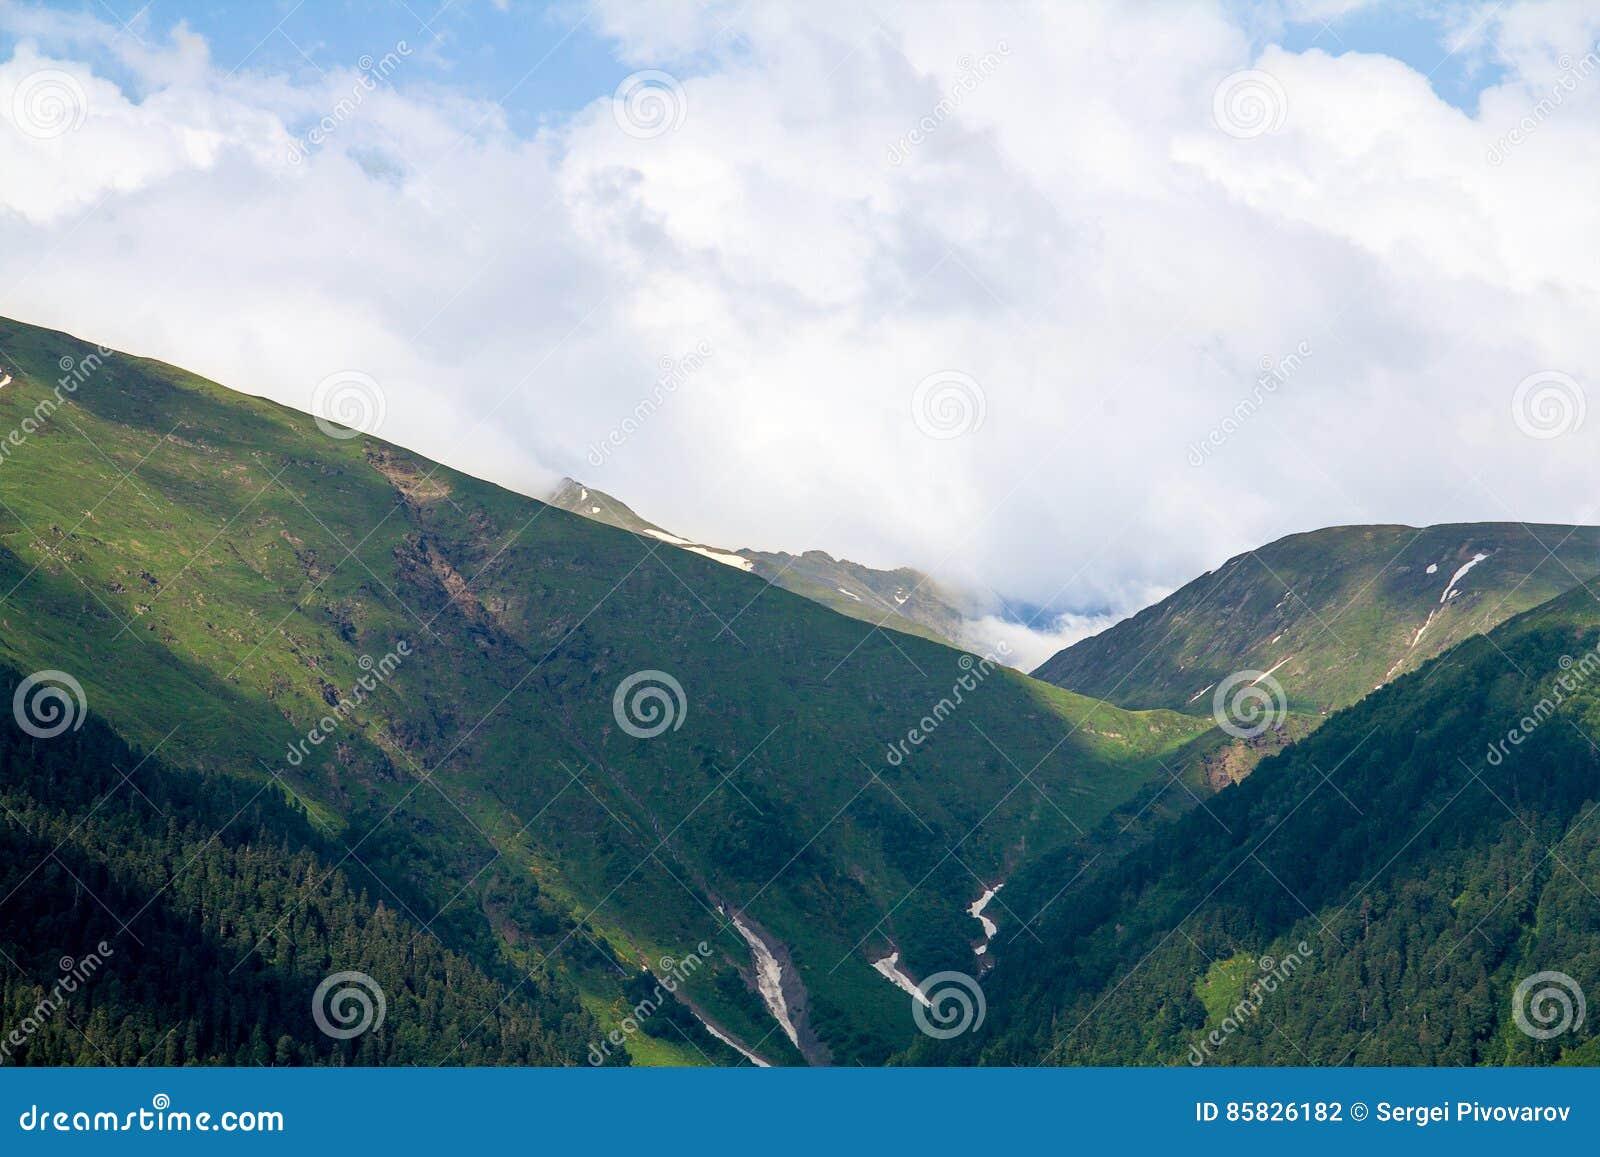 Wąwóz w górach zalesionych z rozpadliną, śnieżną cisza i wybrzeże